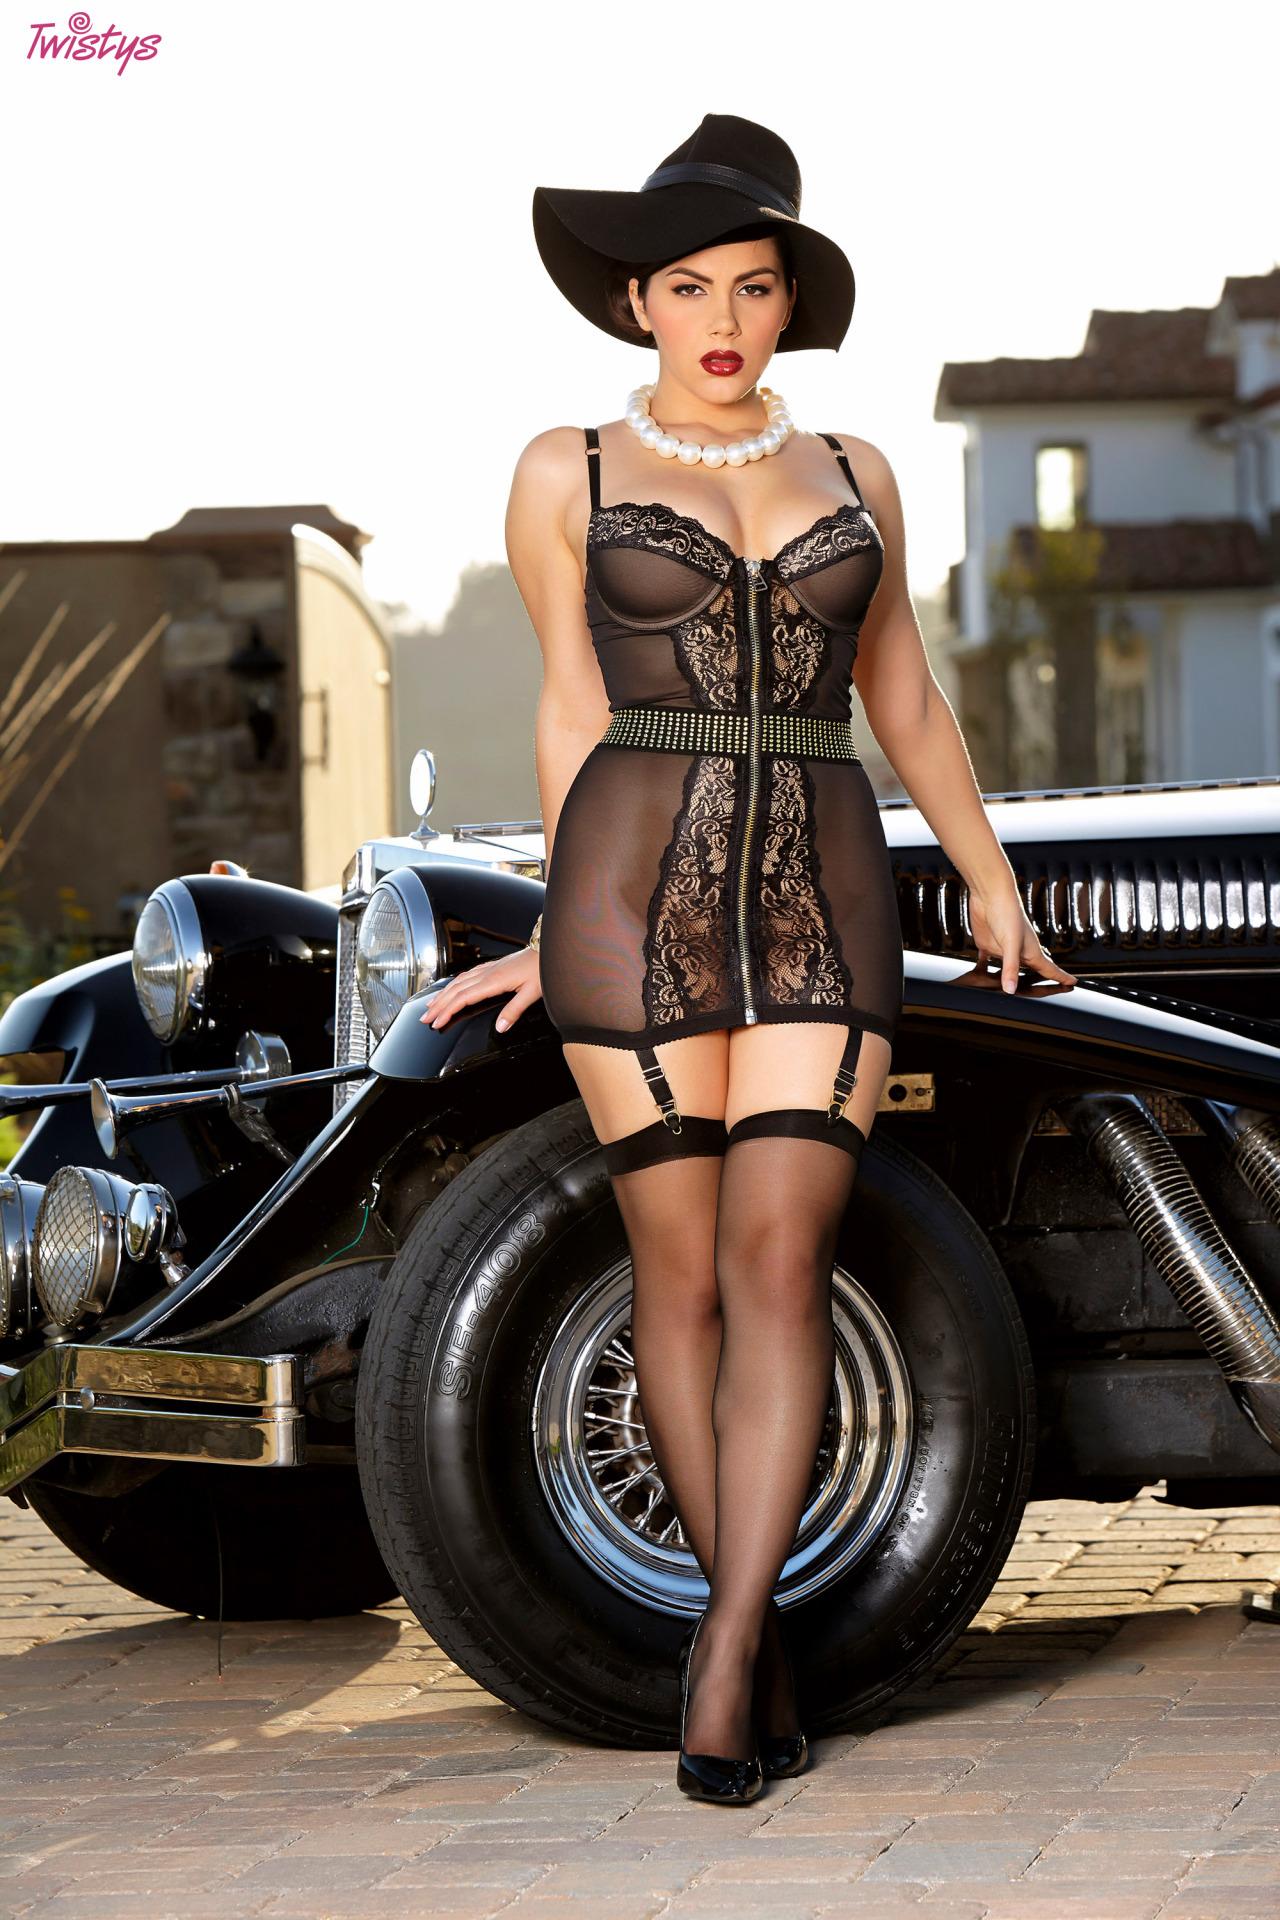 Valentina Nappi For Twistys 2